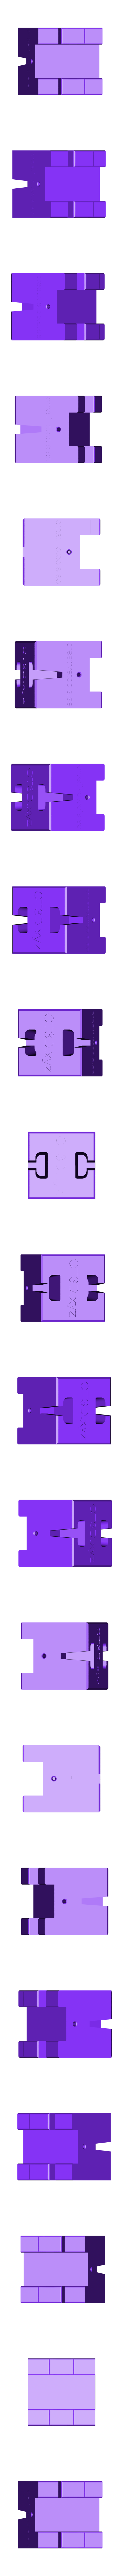 Wall_Small_Modular_Castle_Playset_-_3D-printable_By_CreativeTools.se.stl Télécharger fichier STL gratuit Plateau modulaire de château (imprimable en 3D) • Modèle à imprimer en 3D, CreativeTools